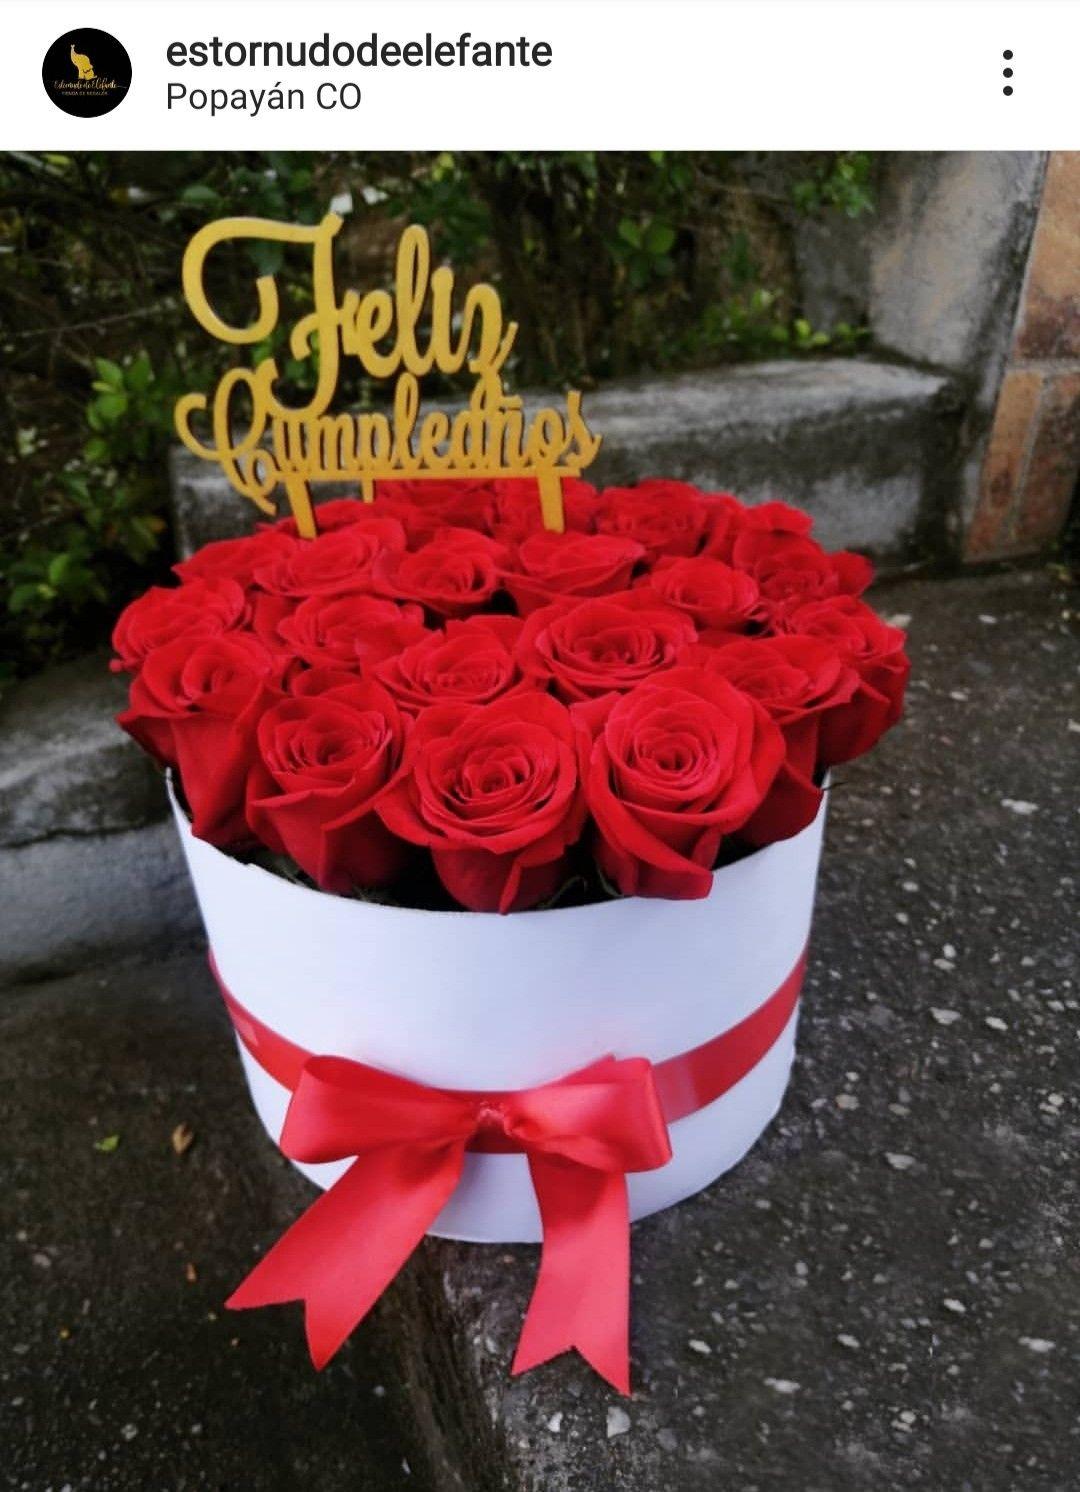 caja de rosas | Caja de rosas, Arreglos florales para cumpleaños, Arreglos  florales diy